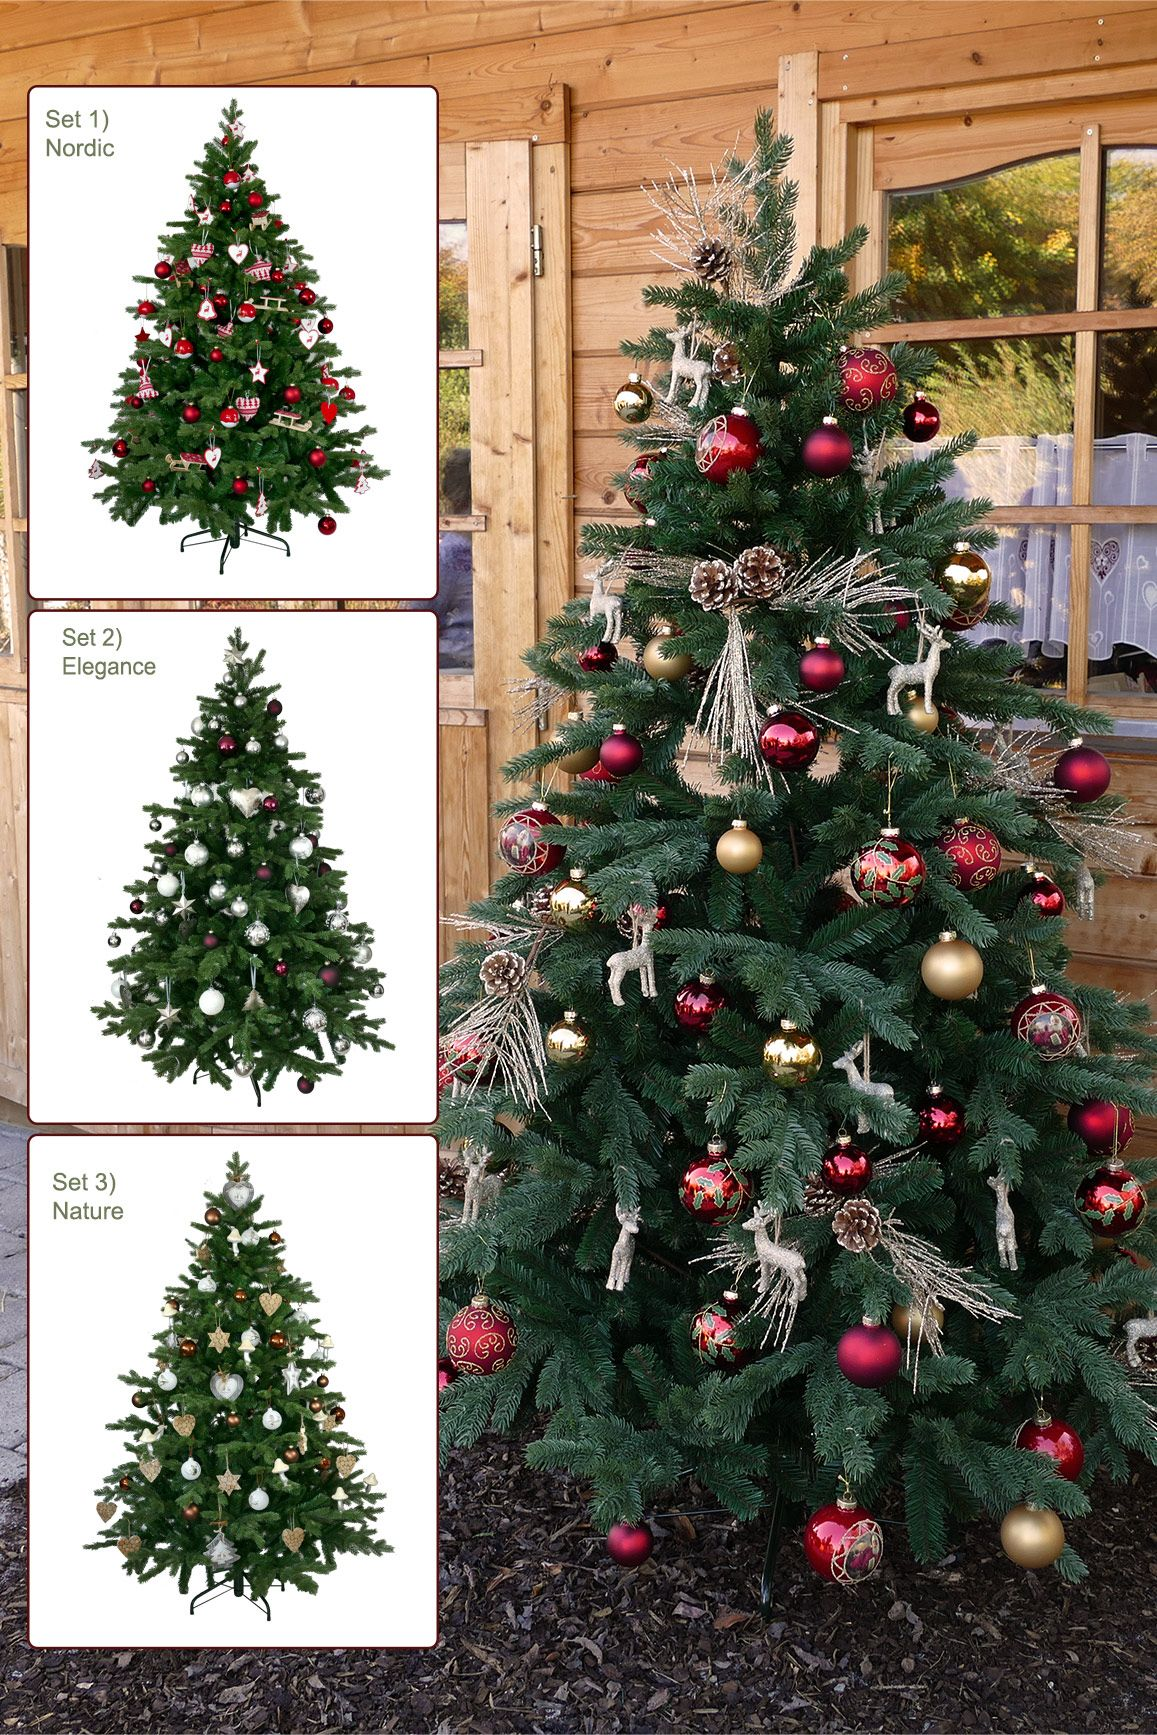 Künstlicher Geschmückter Weihnachtsbaum.Geschmückter Weihnachtsbaum 4x Set Mit Komplettem Schmuck Wählen Sie